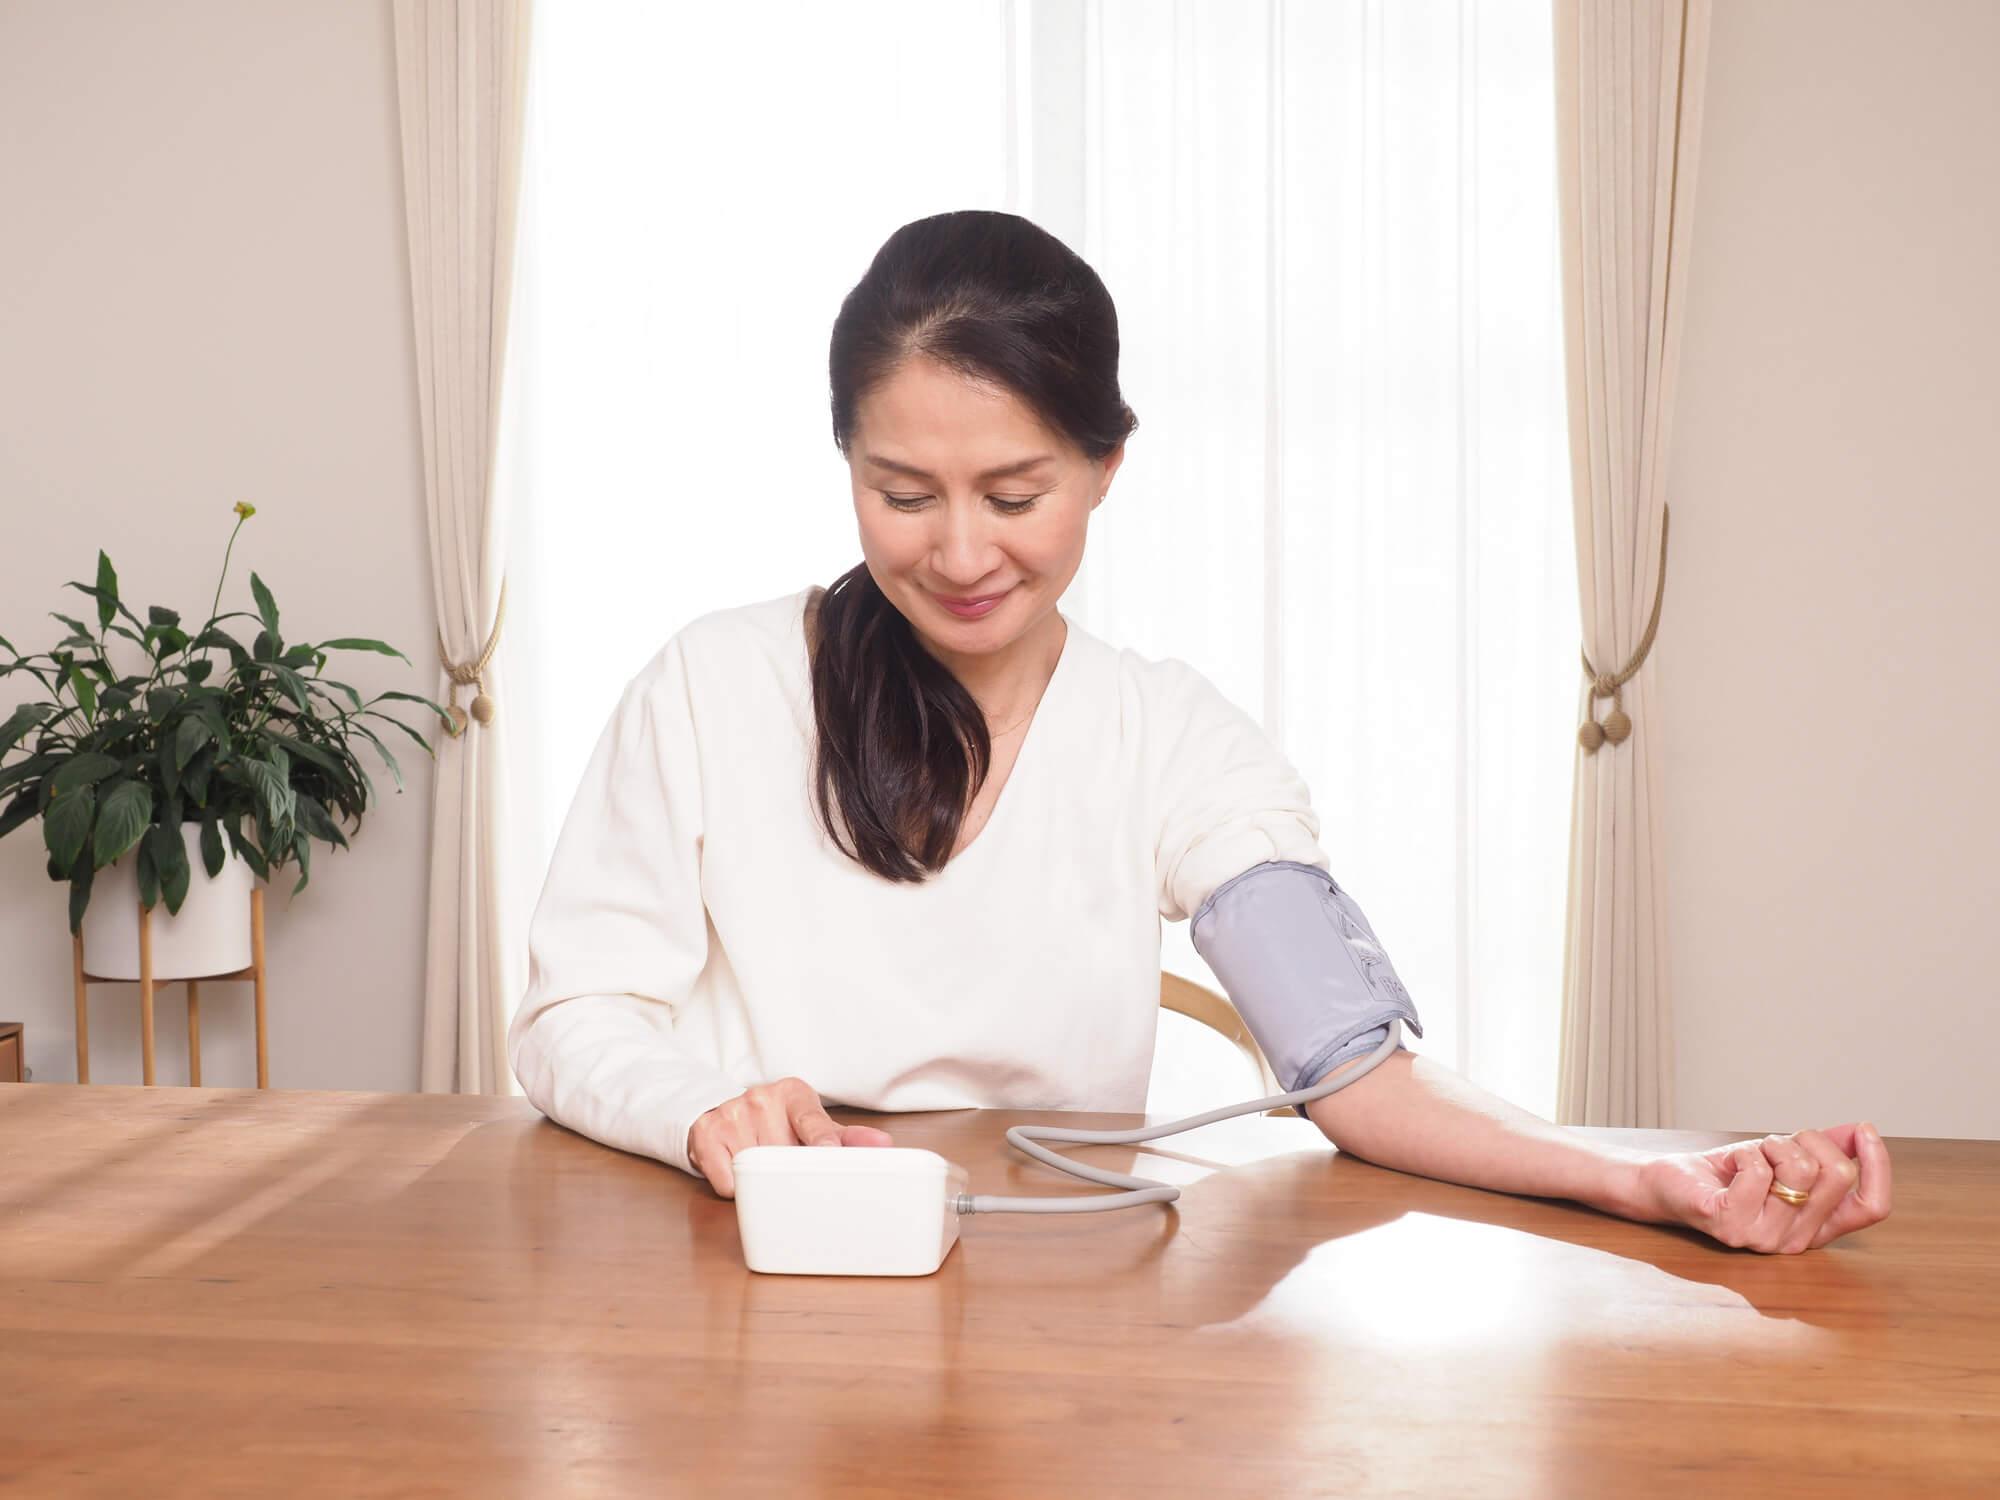 宅配弁当は塩分を控えたい!高血圧の人に向いている食事宅配3選